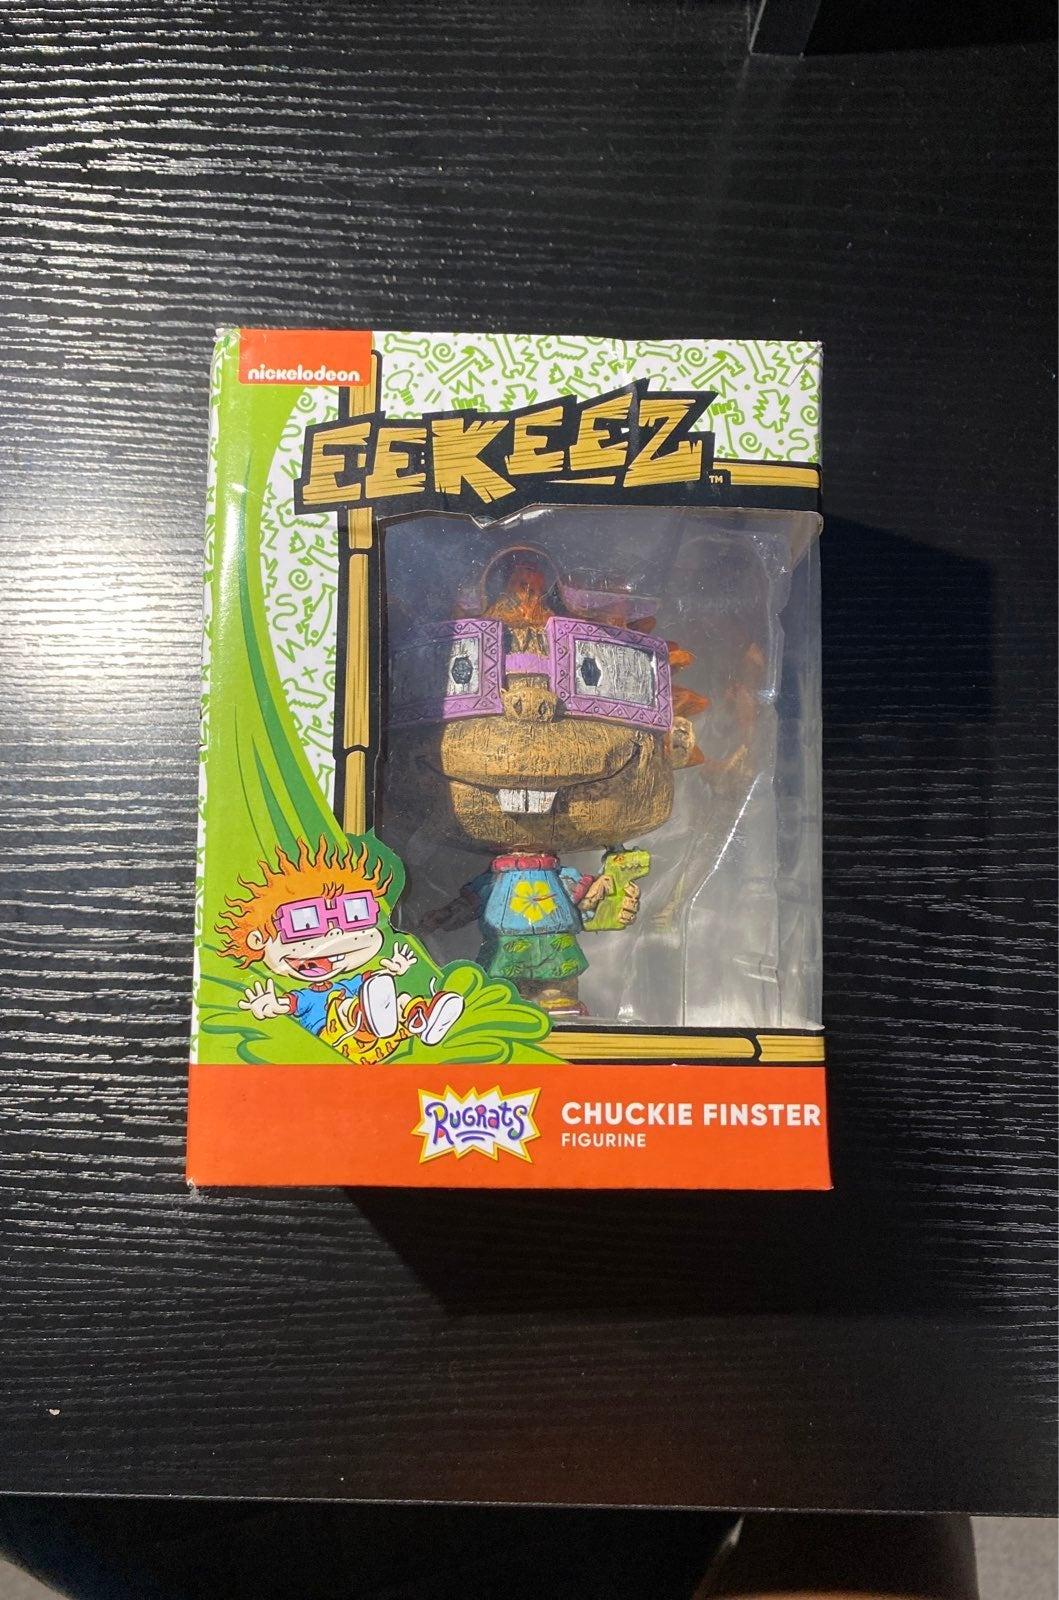 EEKEEZ Rugrats Chuckie Finster figurine